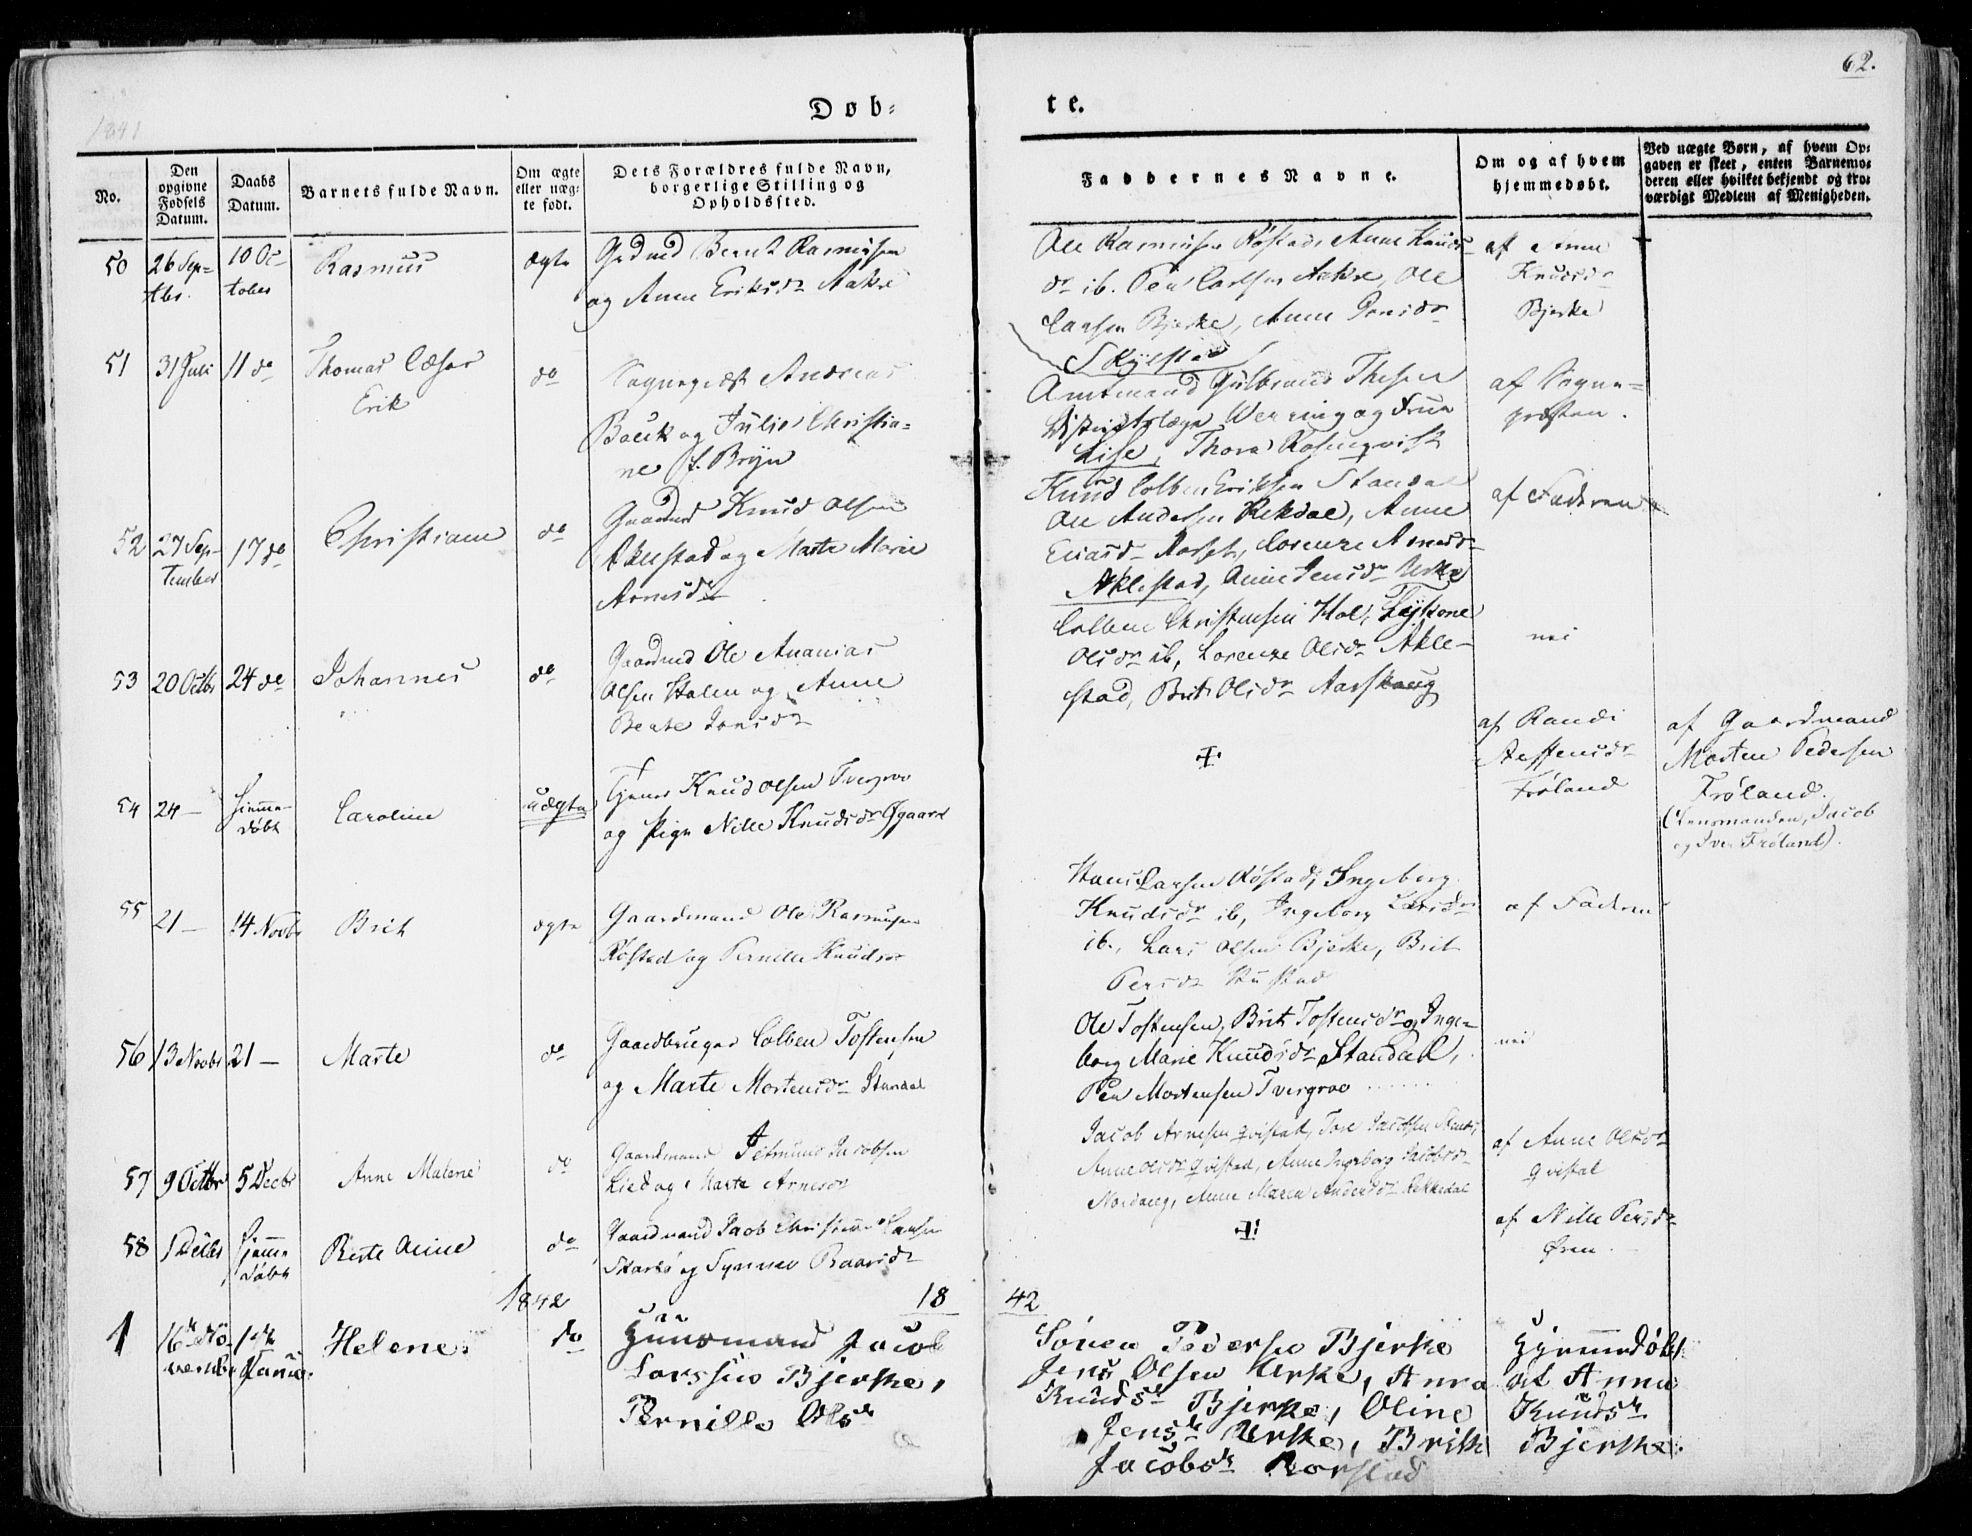 SAT, Ministerialprotokoller, klokkerbøker og fødselsregistre - Møre og Romsdal, 515/L0208: Ministerialbok nr. 515A04, 1830-1846, s. 62